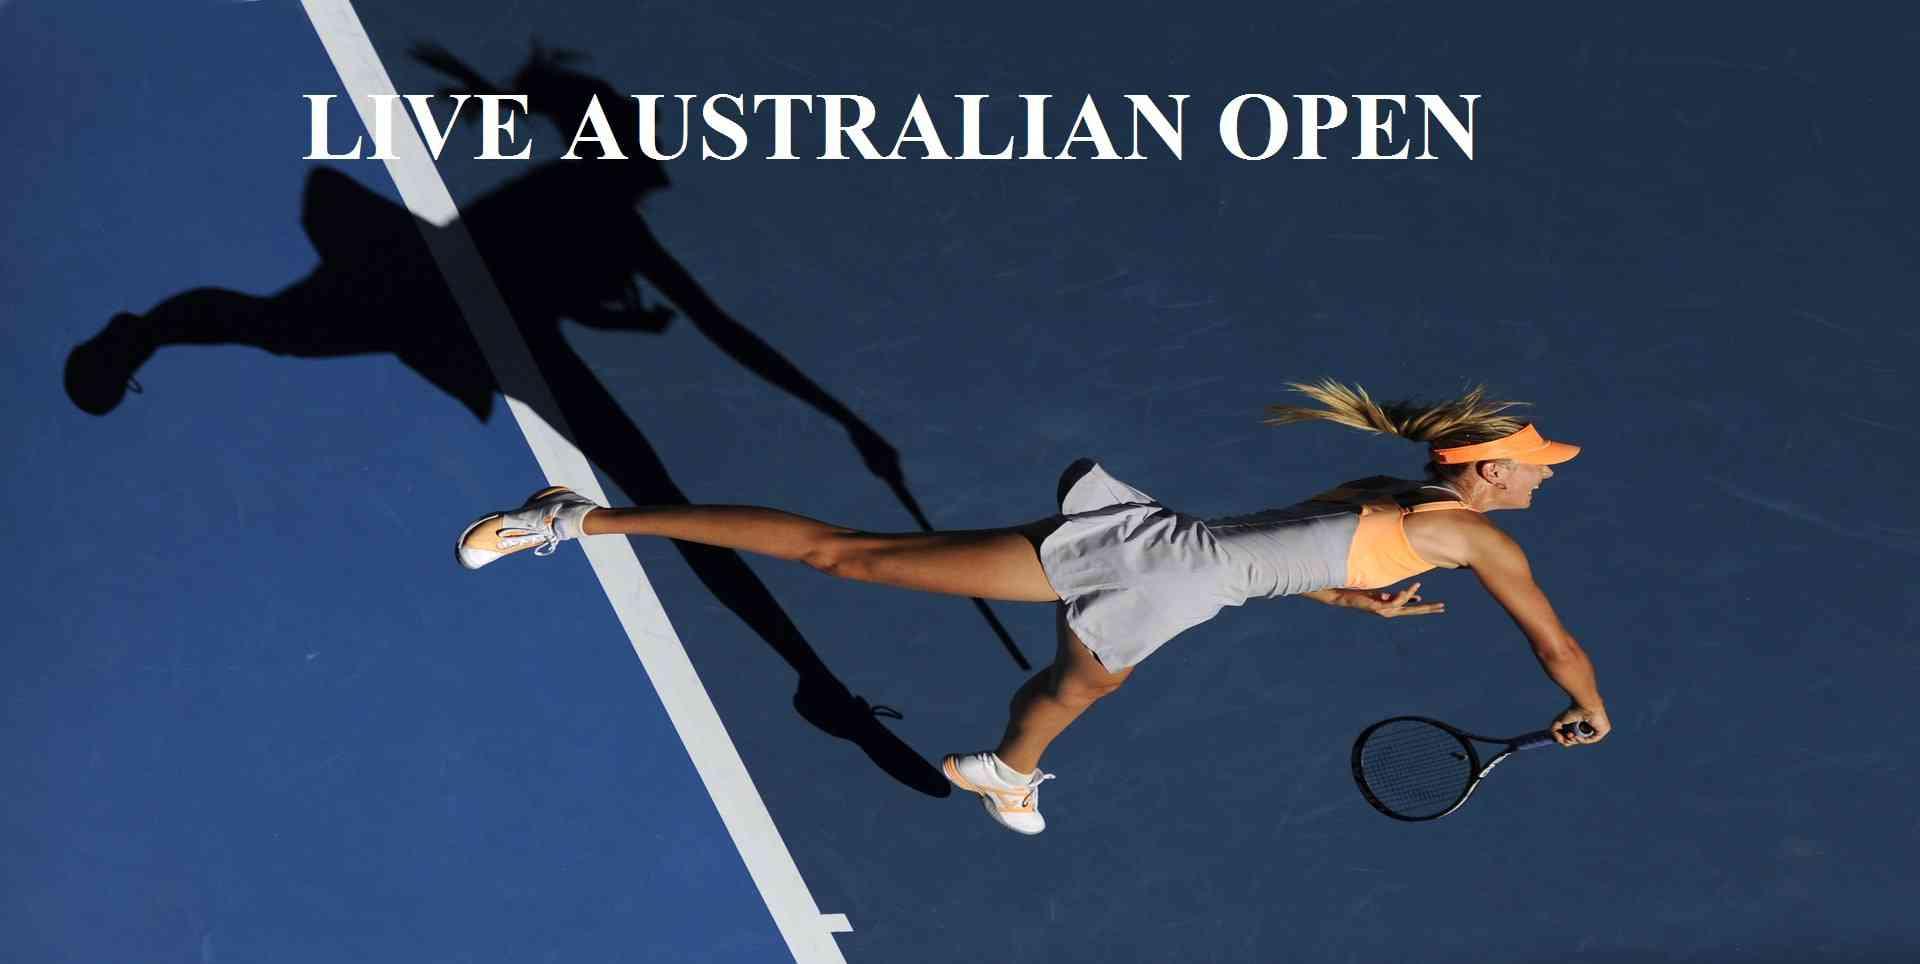 Australian Open Tennis 2018 Finals